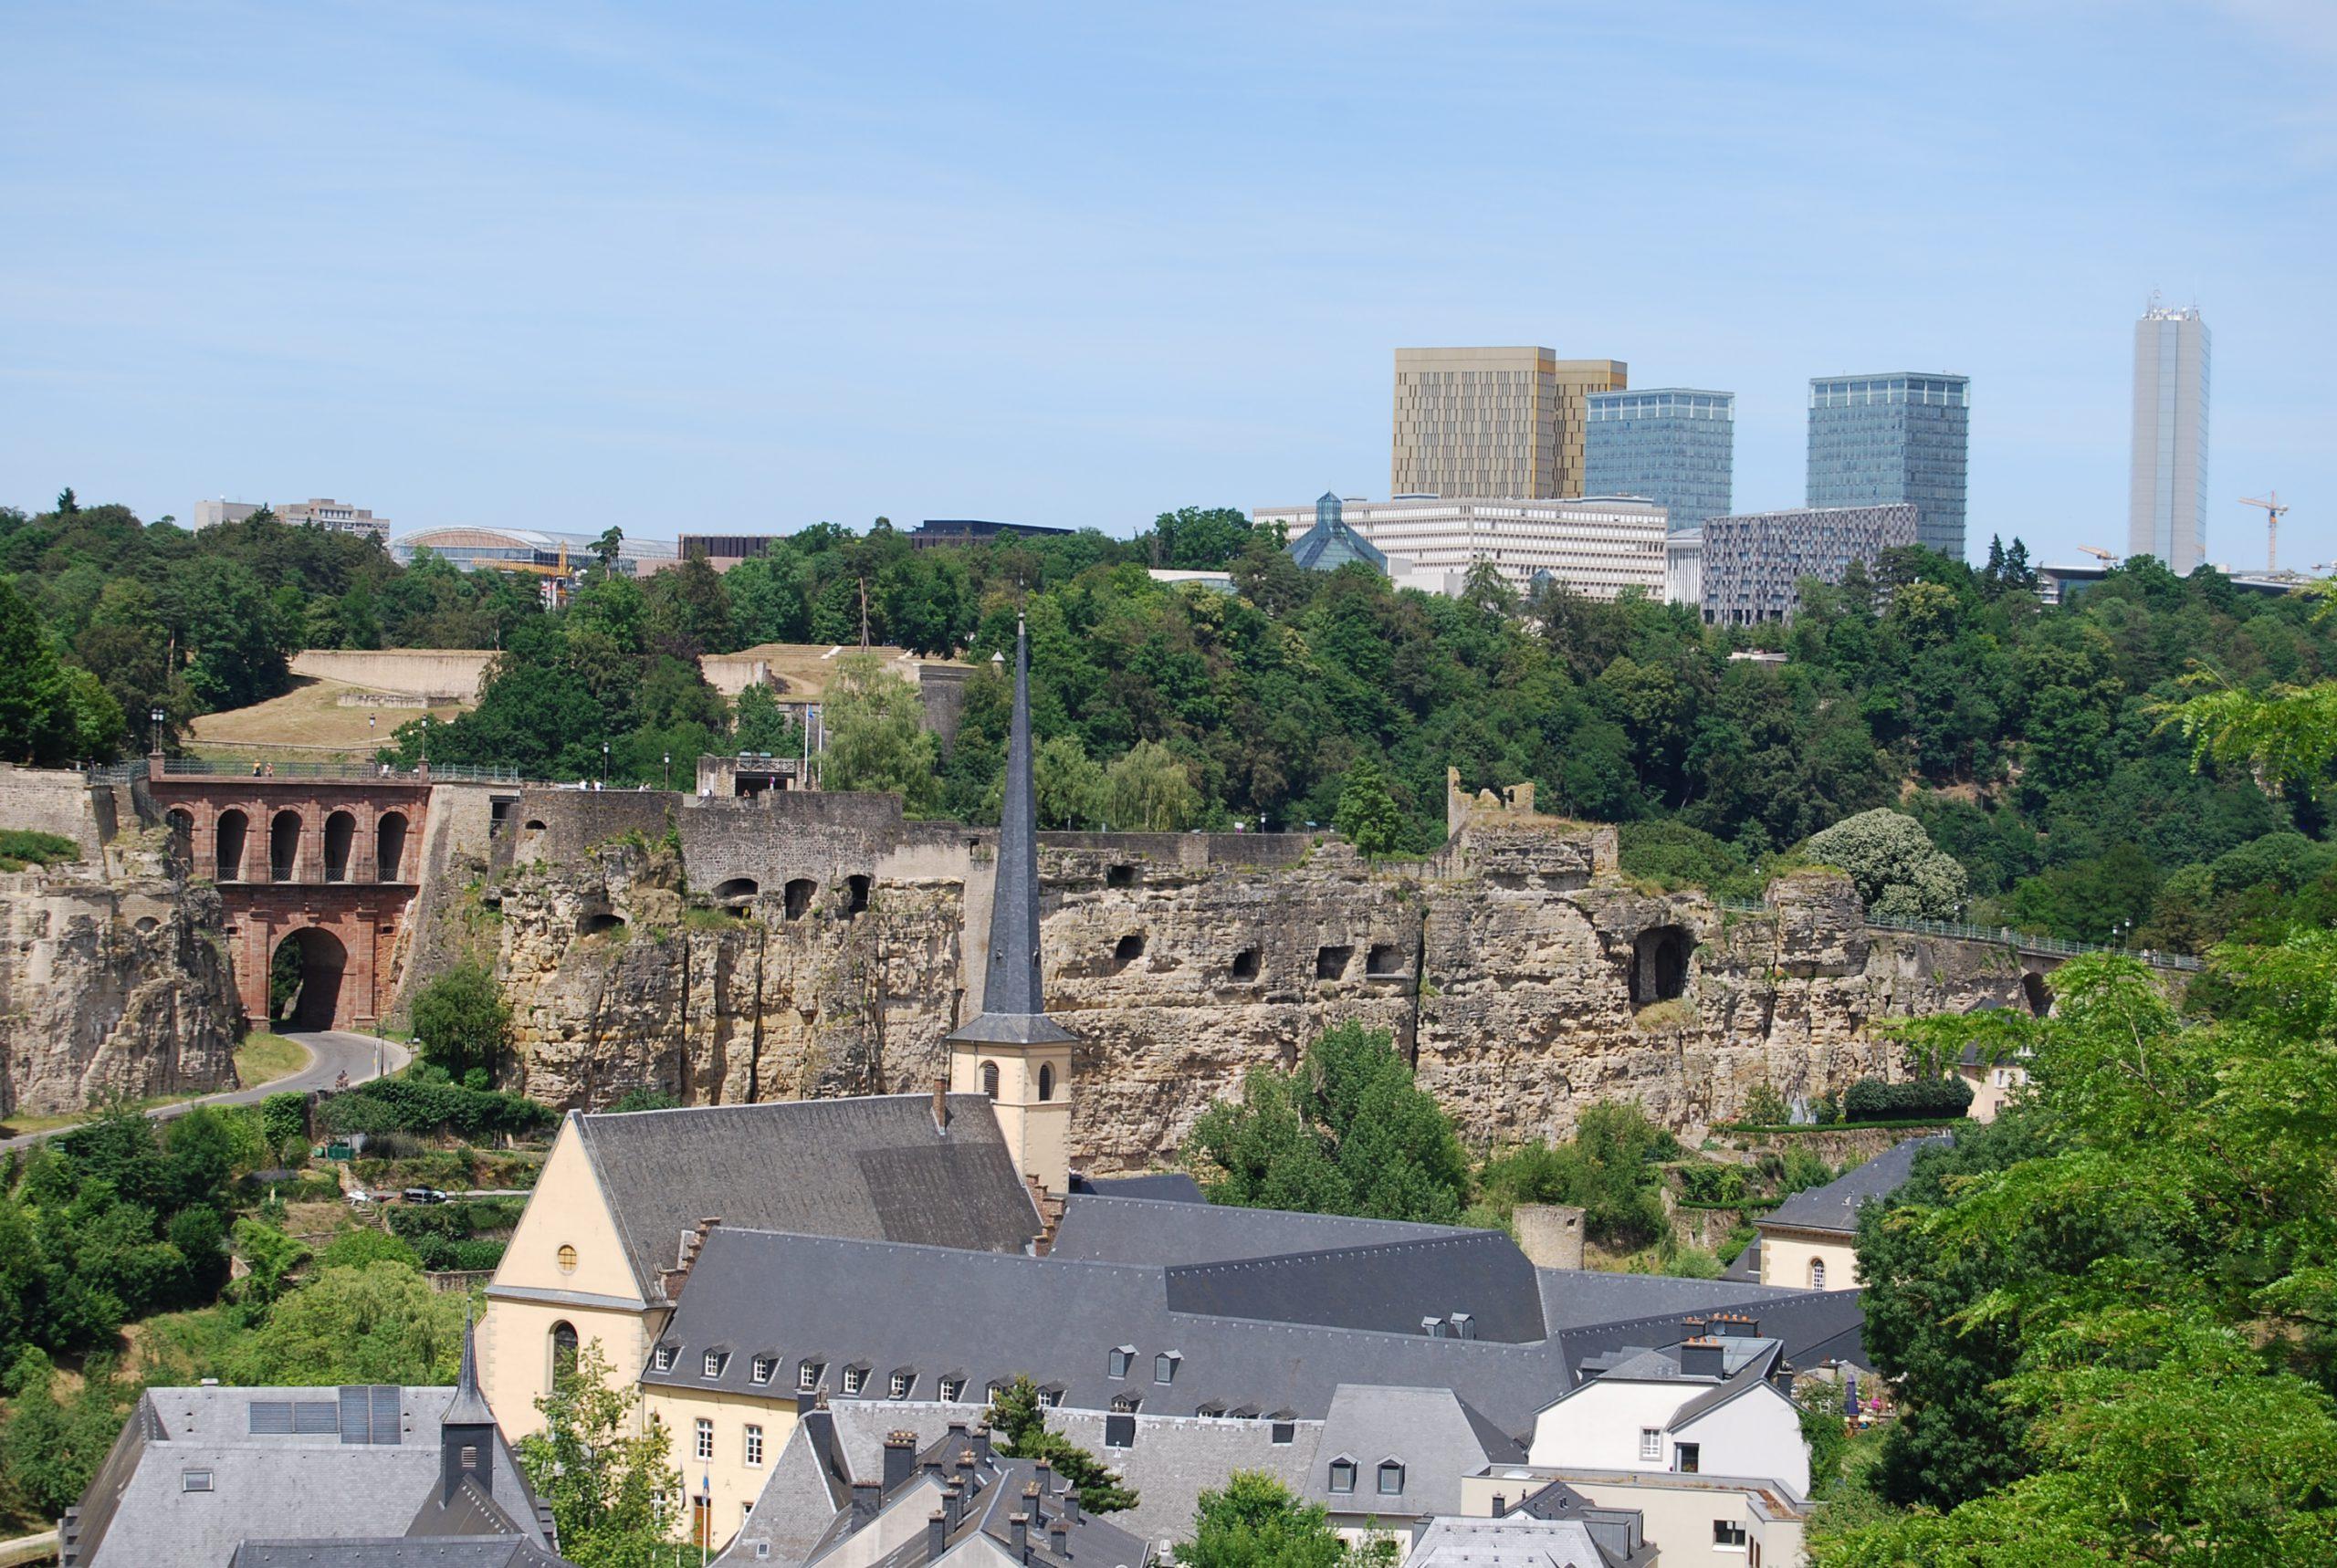 Vue sur les vestiges de l'ancienne forteresse de Luxembourg avec en arrière-plan le plateau de Kirchberg